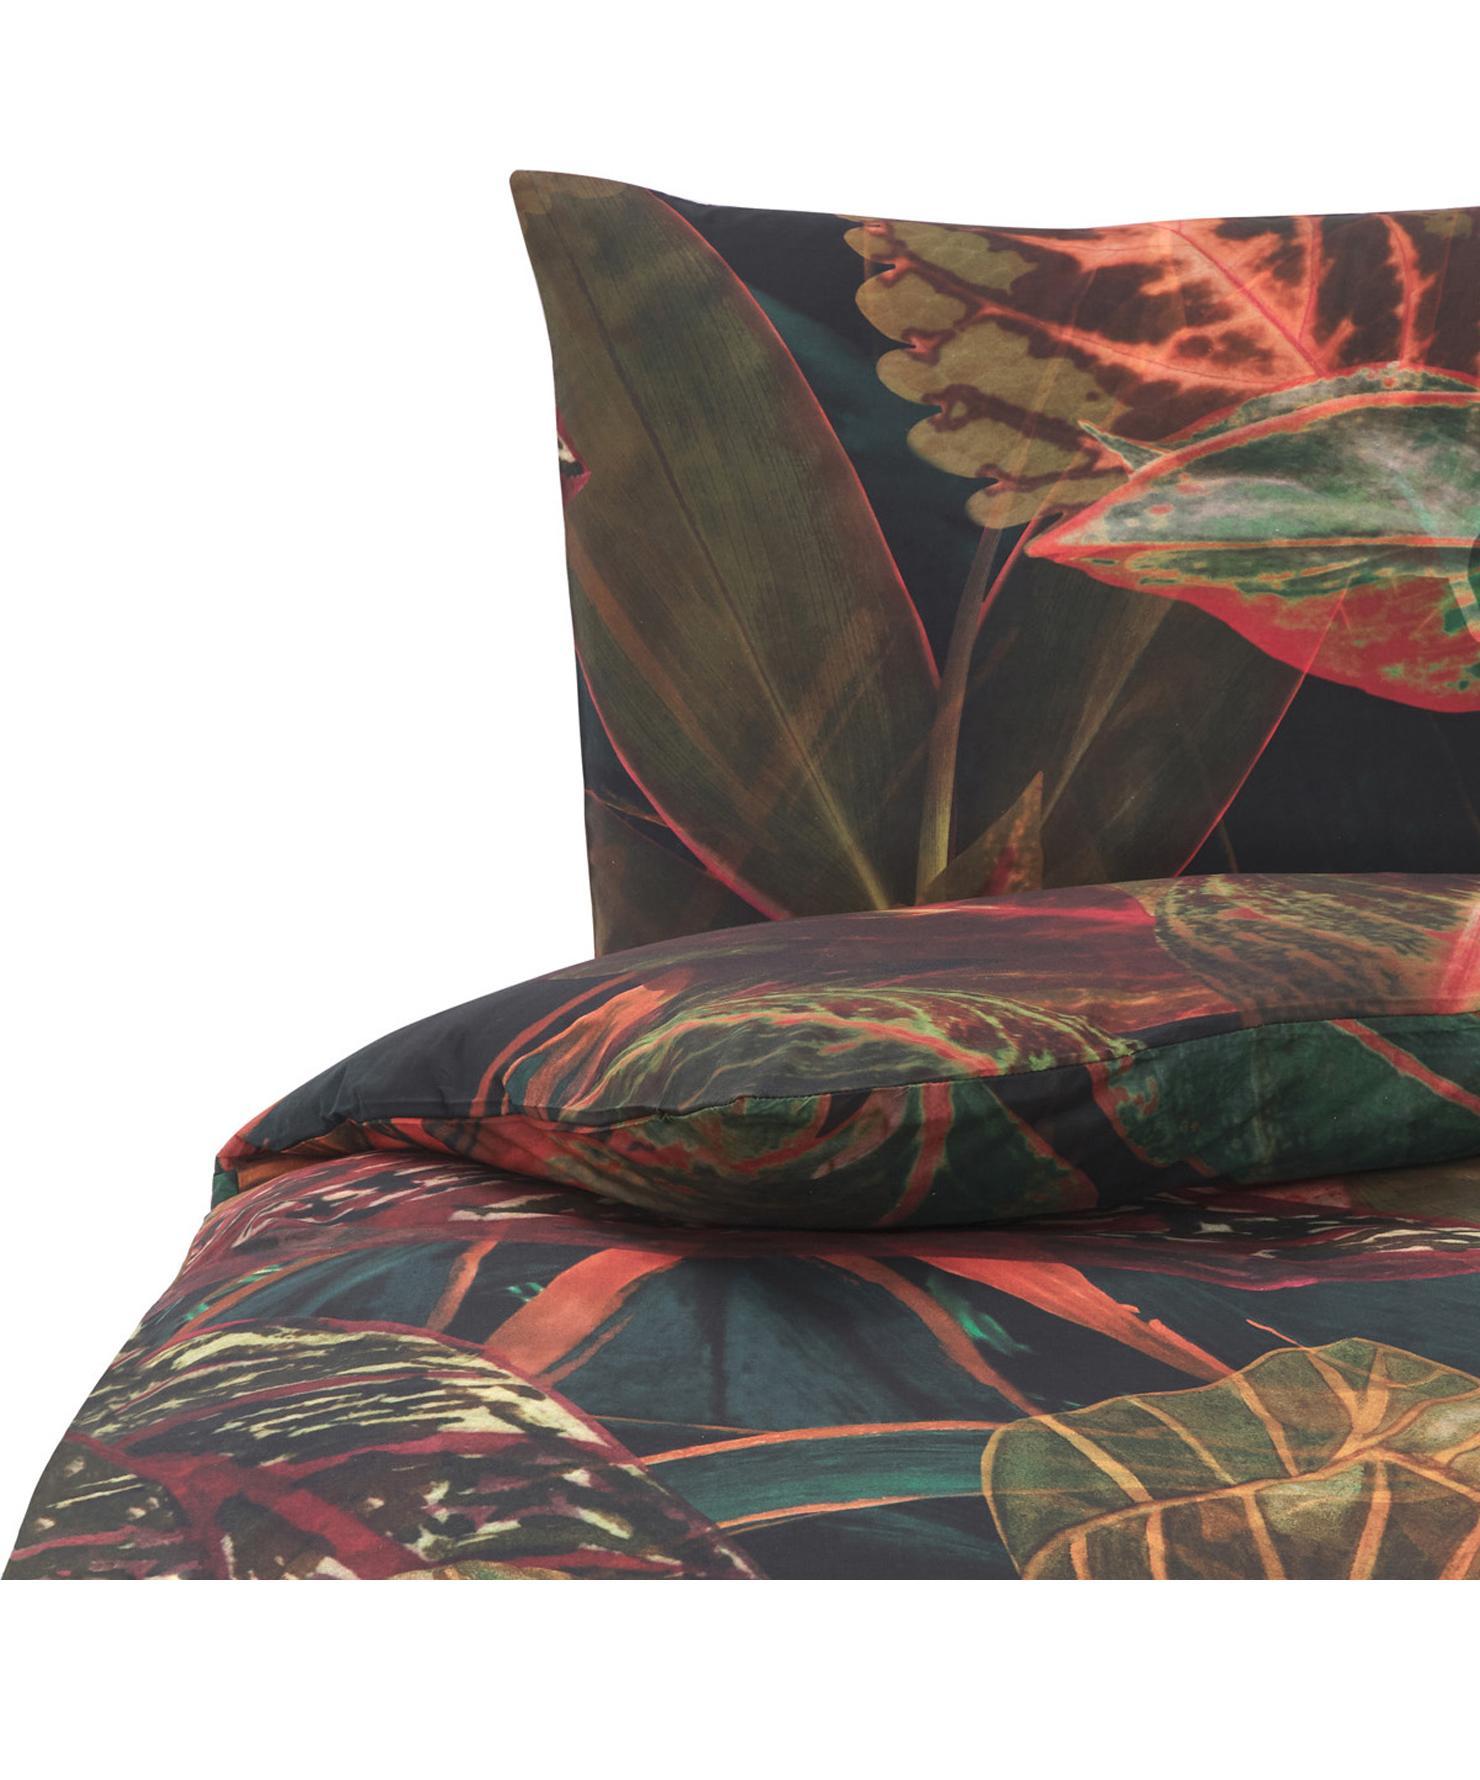 Baumwoll-Bettwäsche Velvetleaf, Baumwolle Fadendichte 144 TC, Standard Qualität Bettwäsche aus Baumwolle fühlt sich auf der Haut angenehm weich an, nimmt Feuchtigkeit gut auf und eignet sich für Allergiker, Grün- und Rottöne, 135 x 200 cm + 1 Kissen 80 x 80 cm